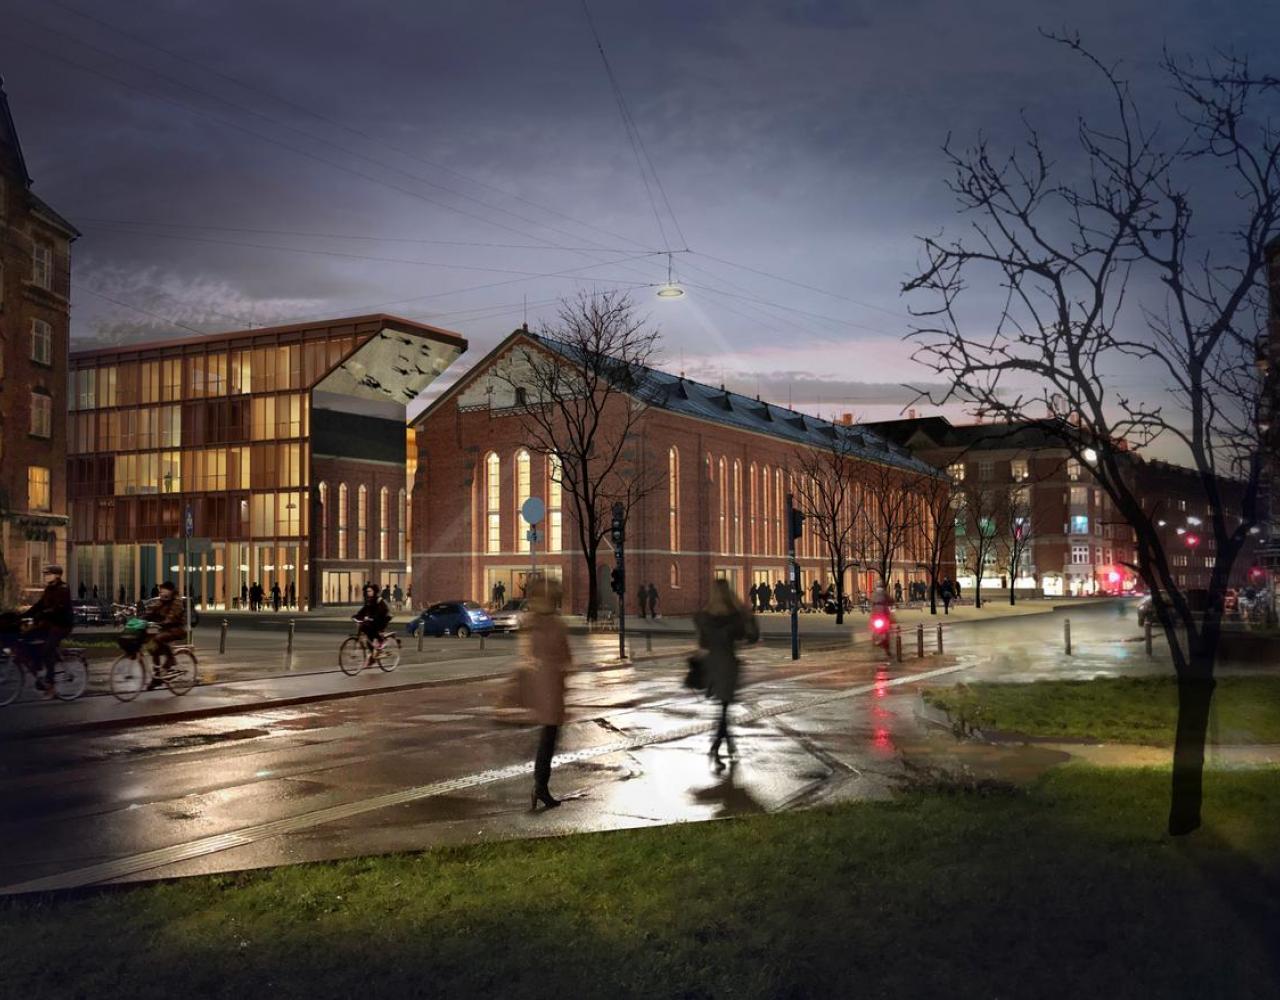 Nuuks Plads vision